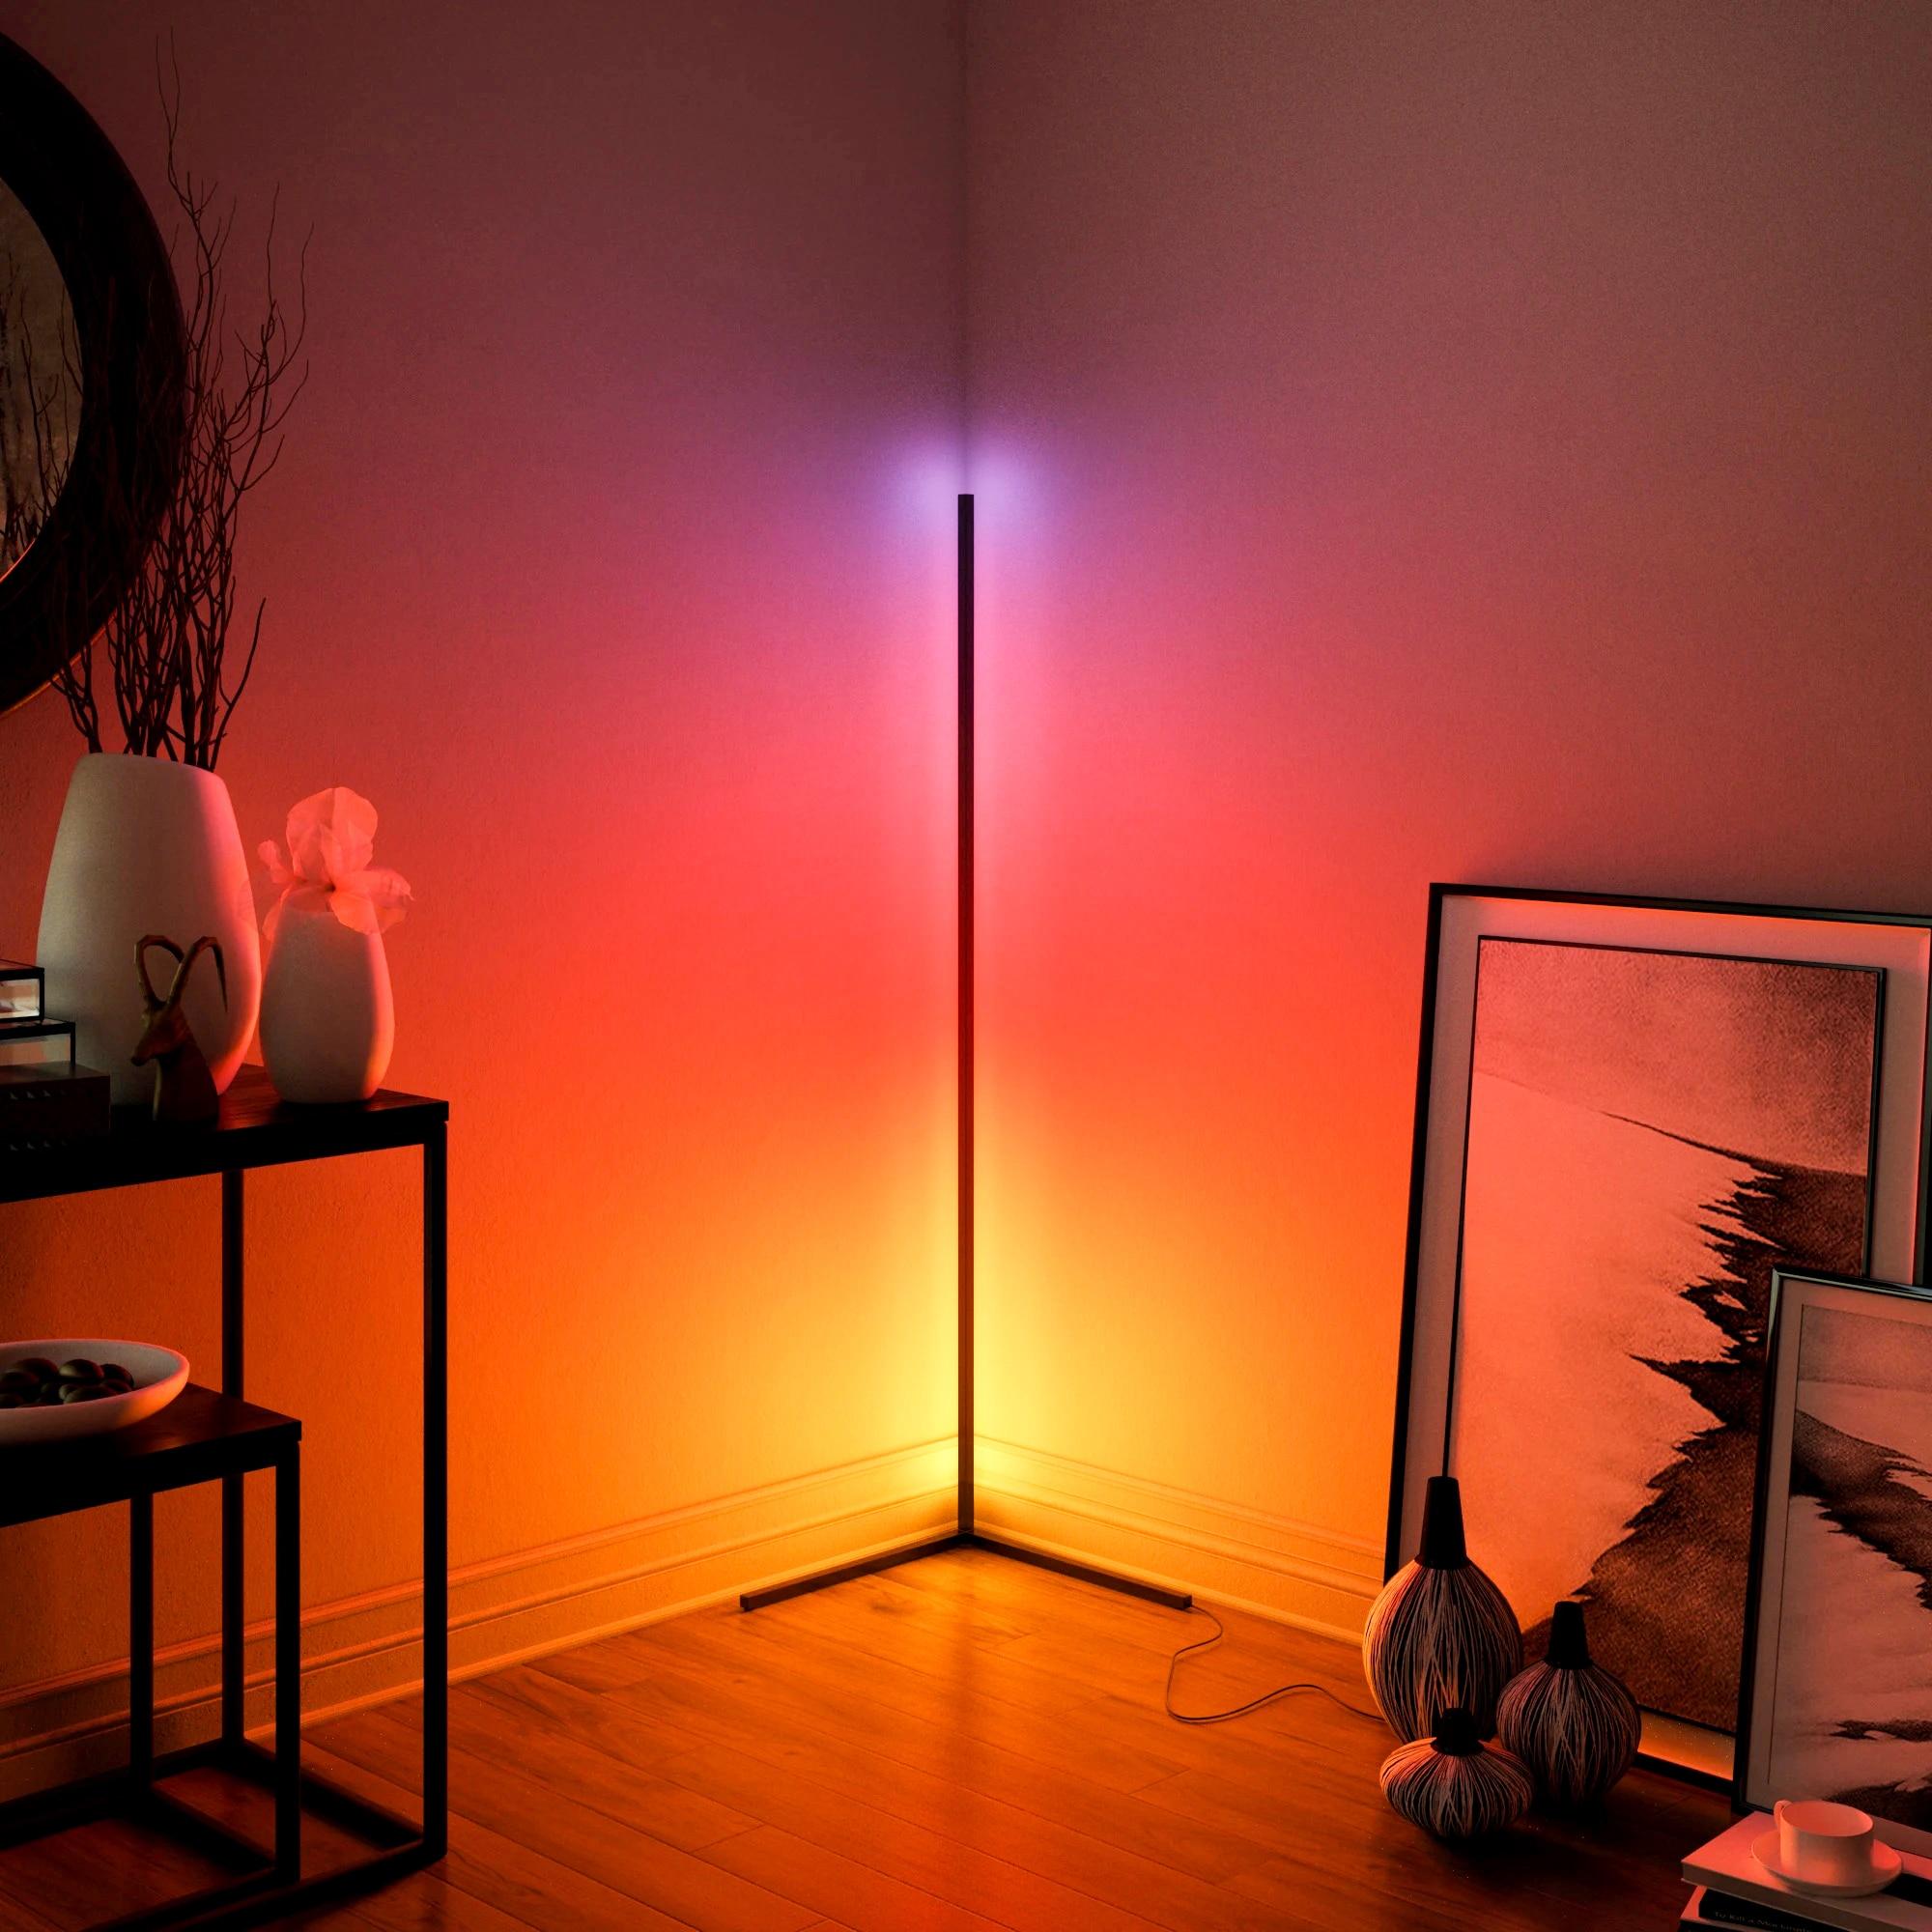 Напольные лампы в скандинавском стиле, яркий светильник для создания атмосферы в салоне, красочная декоративная лампа для спальни, гостино...